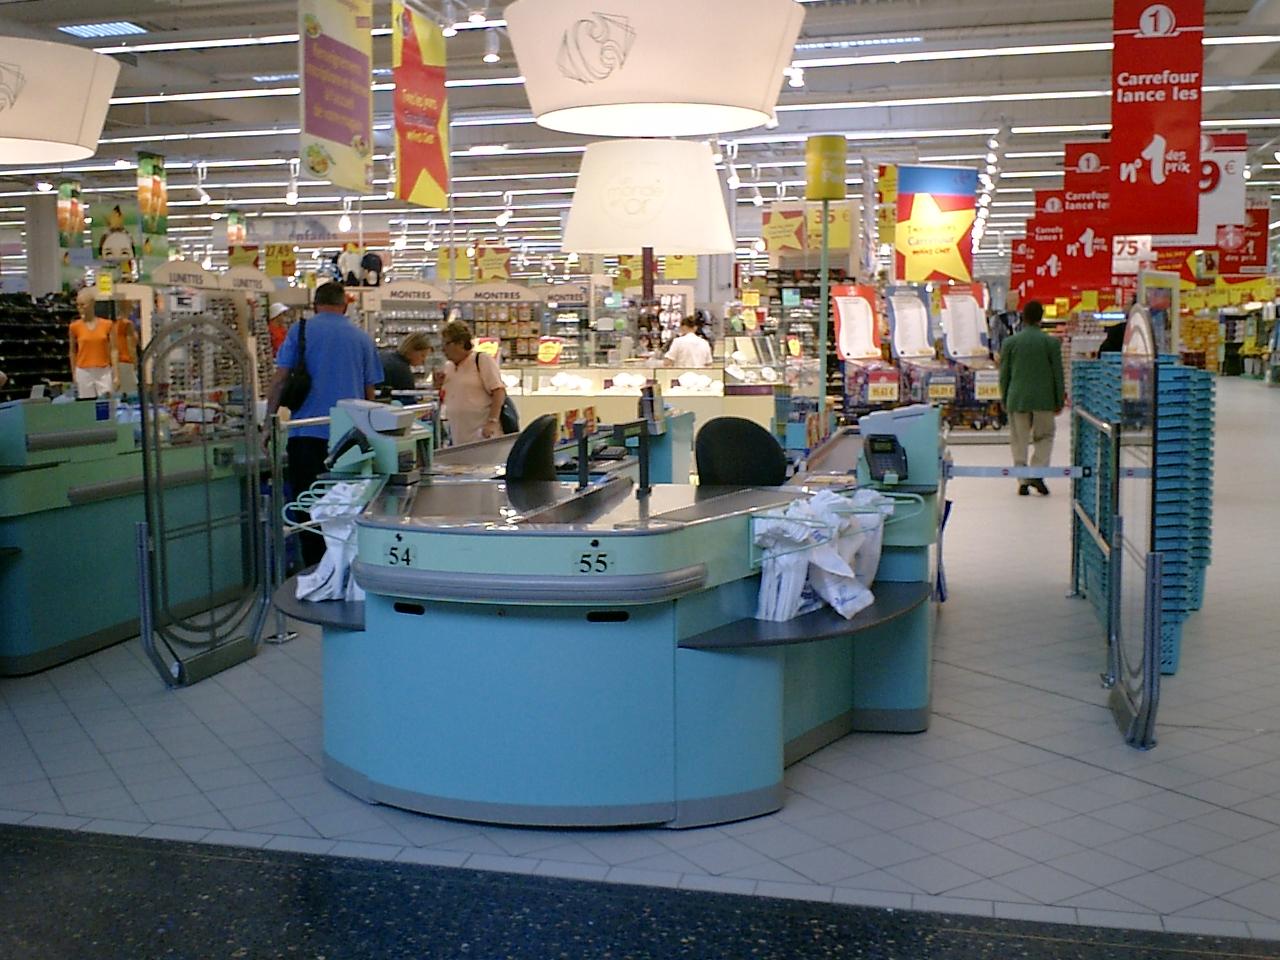 探密法国家乐福超市装修及商品陈列